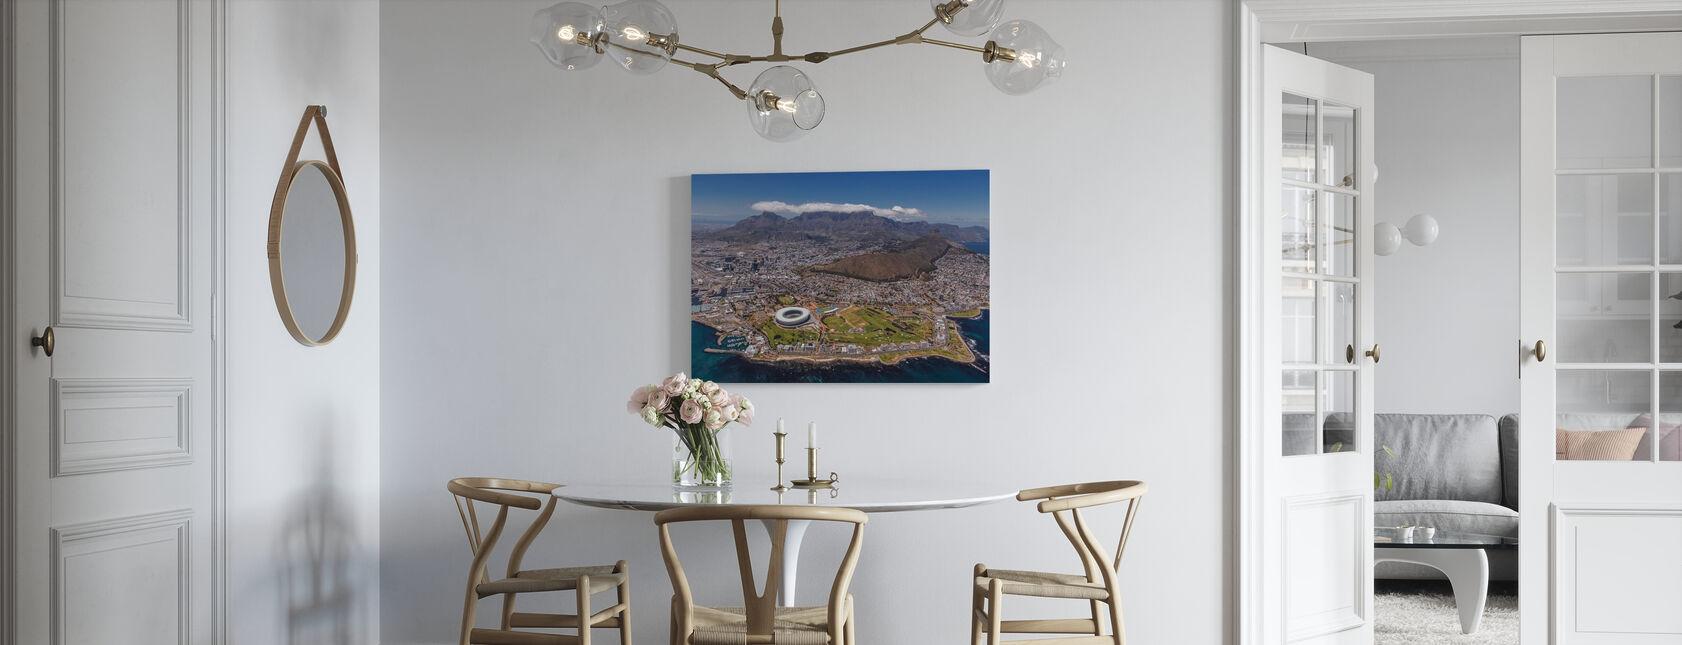 Zuid-Afrika - Kaapstad - Canvas print - Keuken